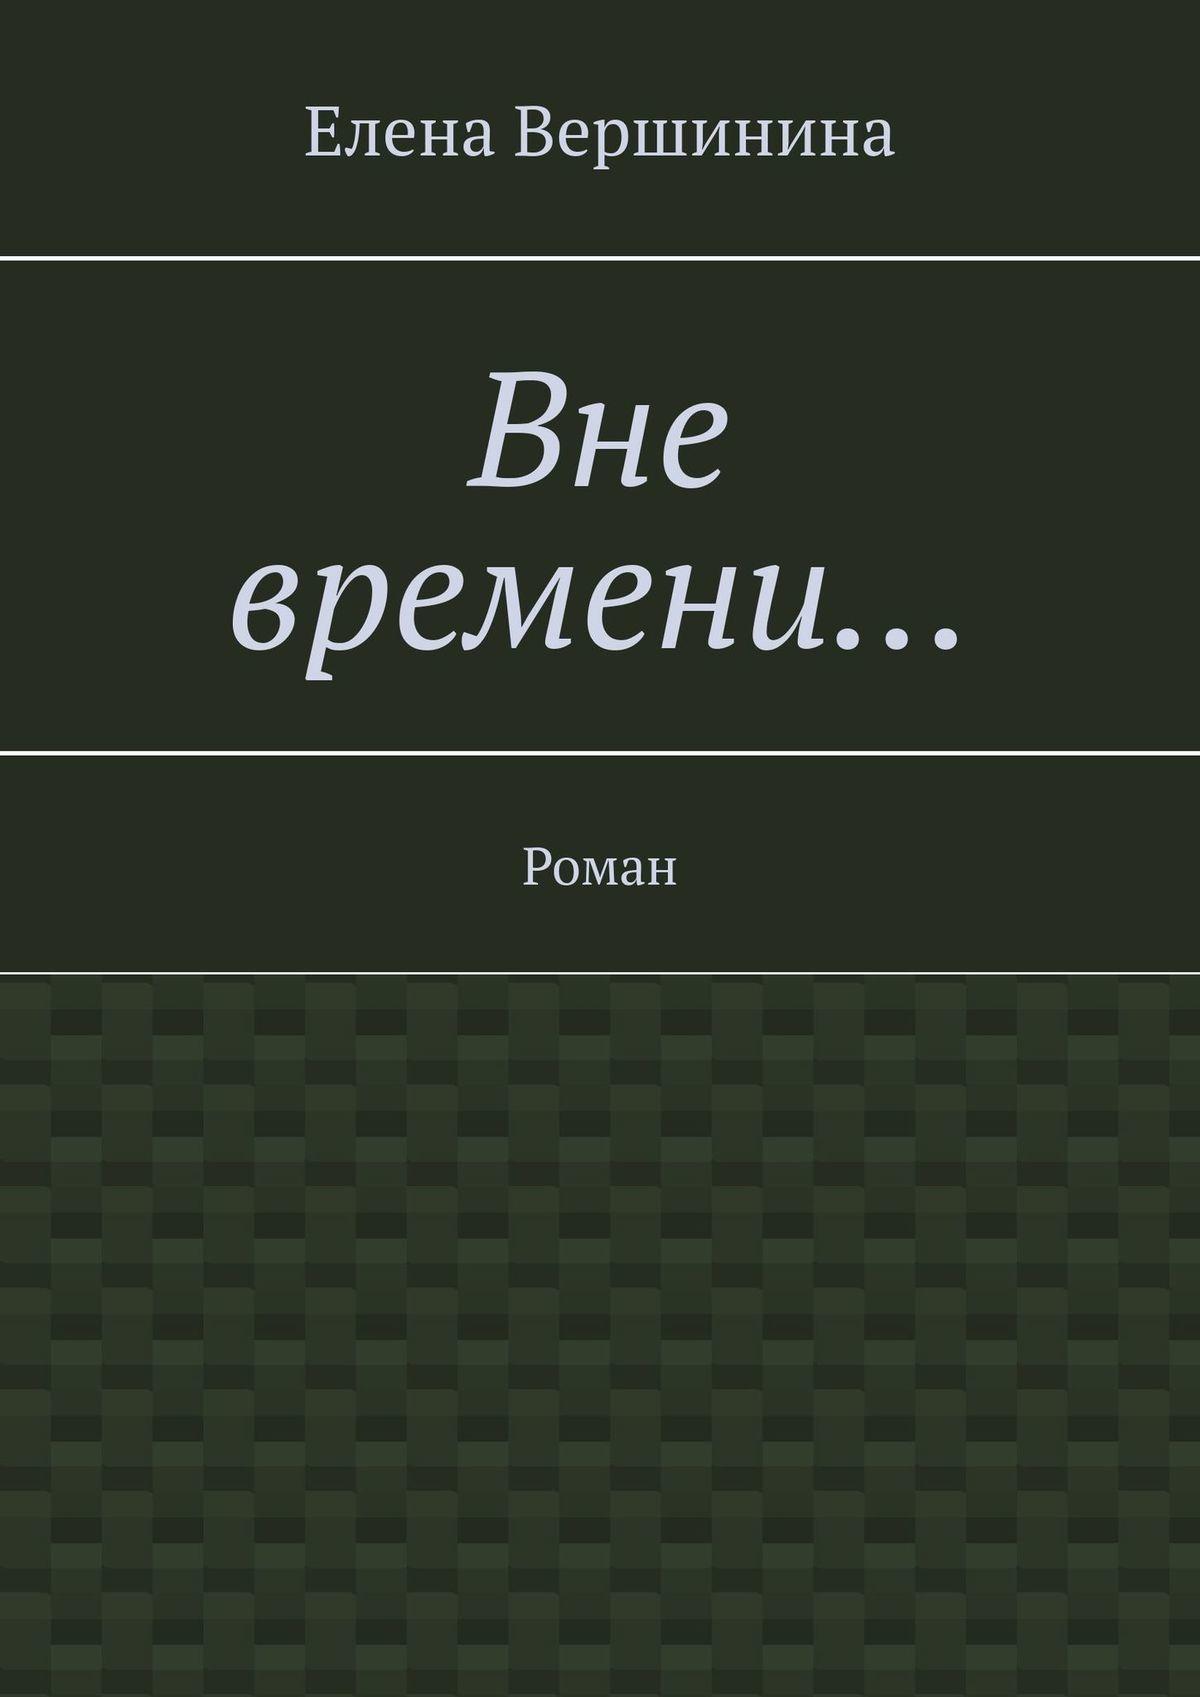 Елена Вершинина - Вне времени… Роман